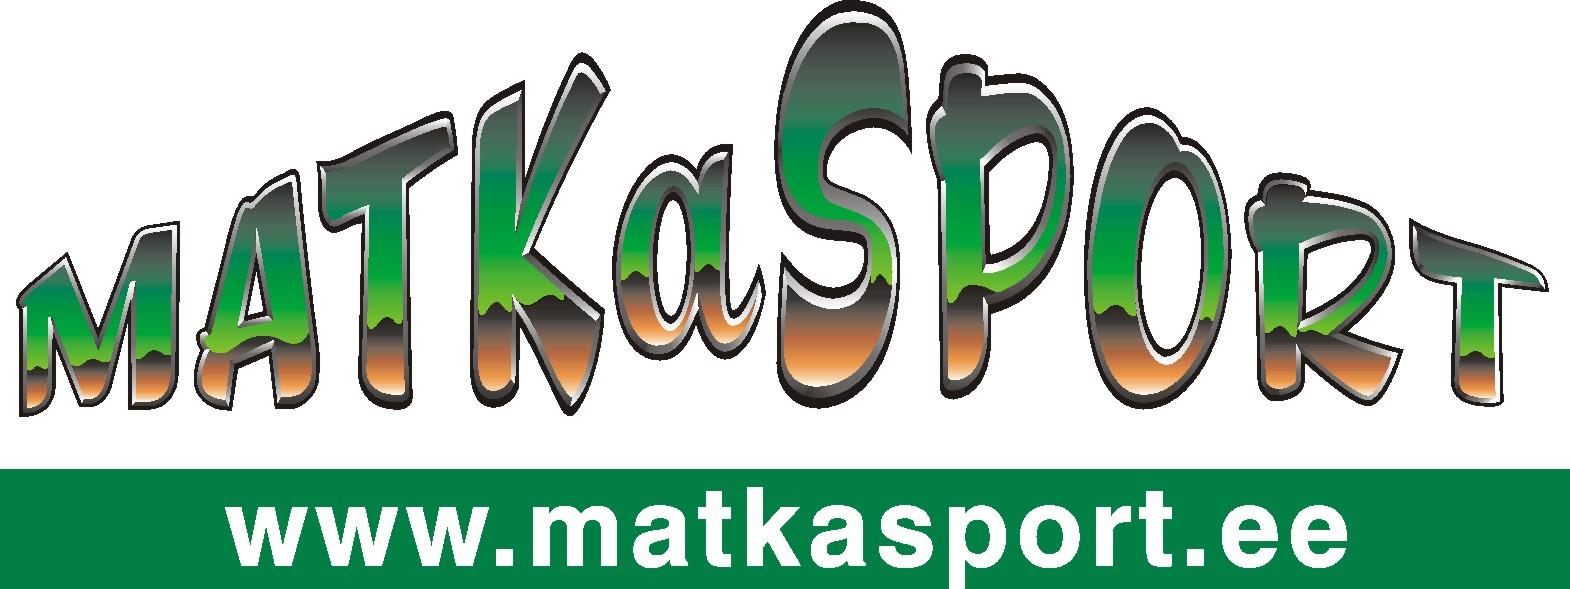 Matkaspordi logo